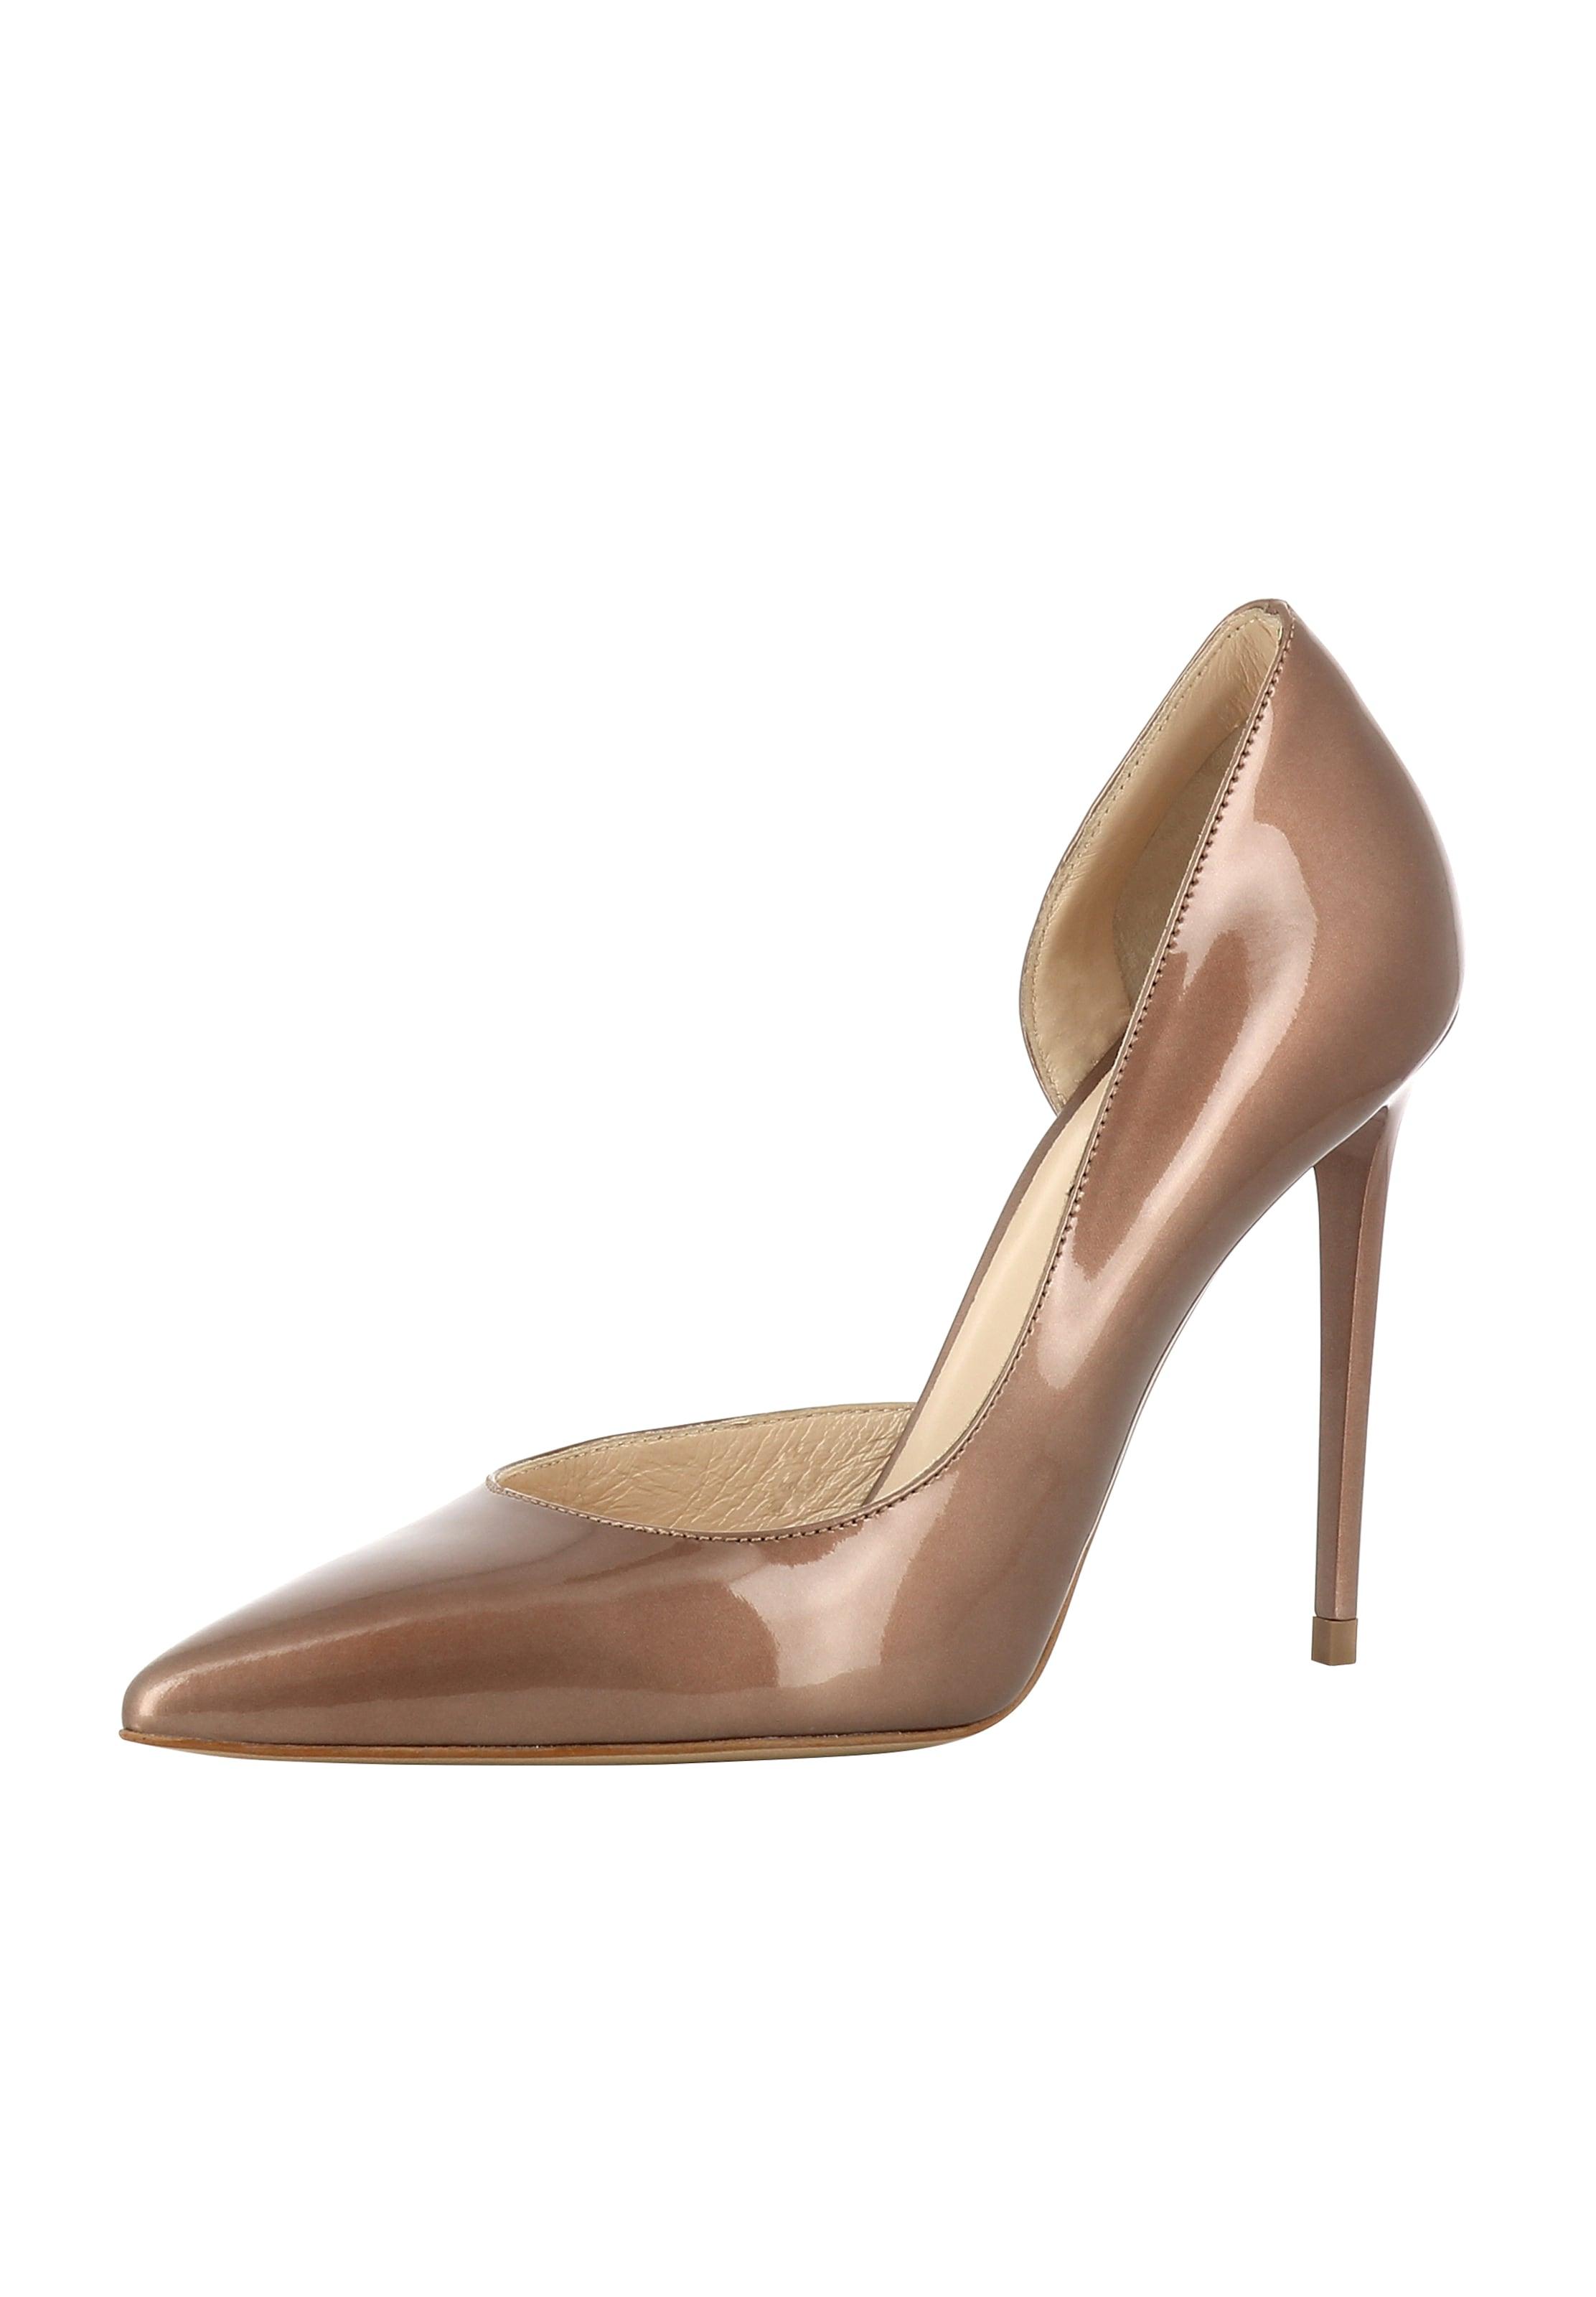 EVITA Pumps ALINA Verschleißfeste billige Schuhe